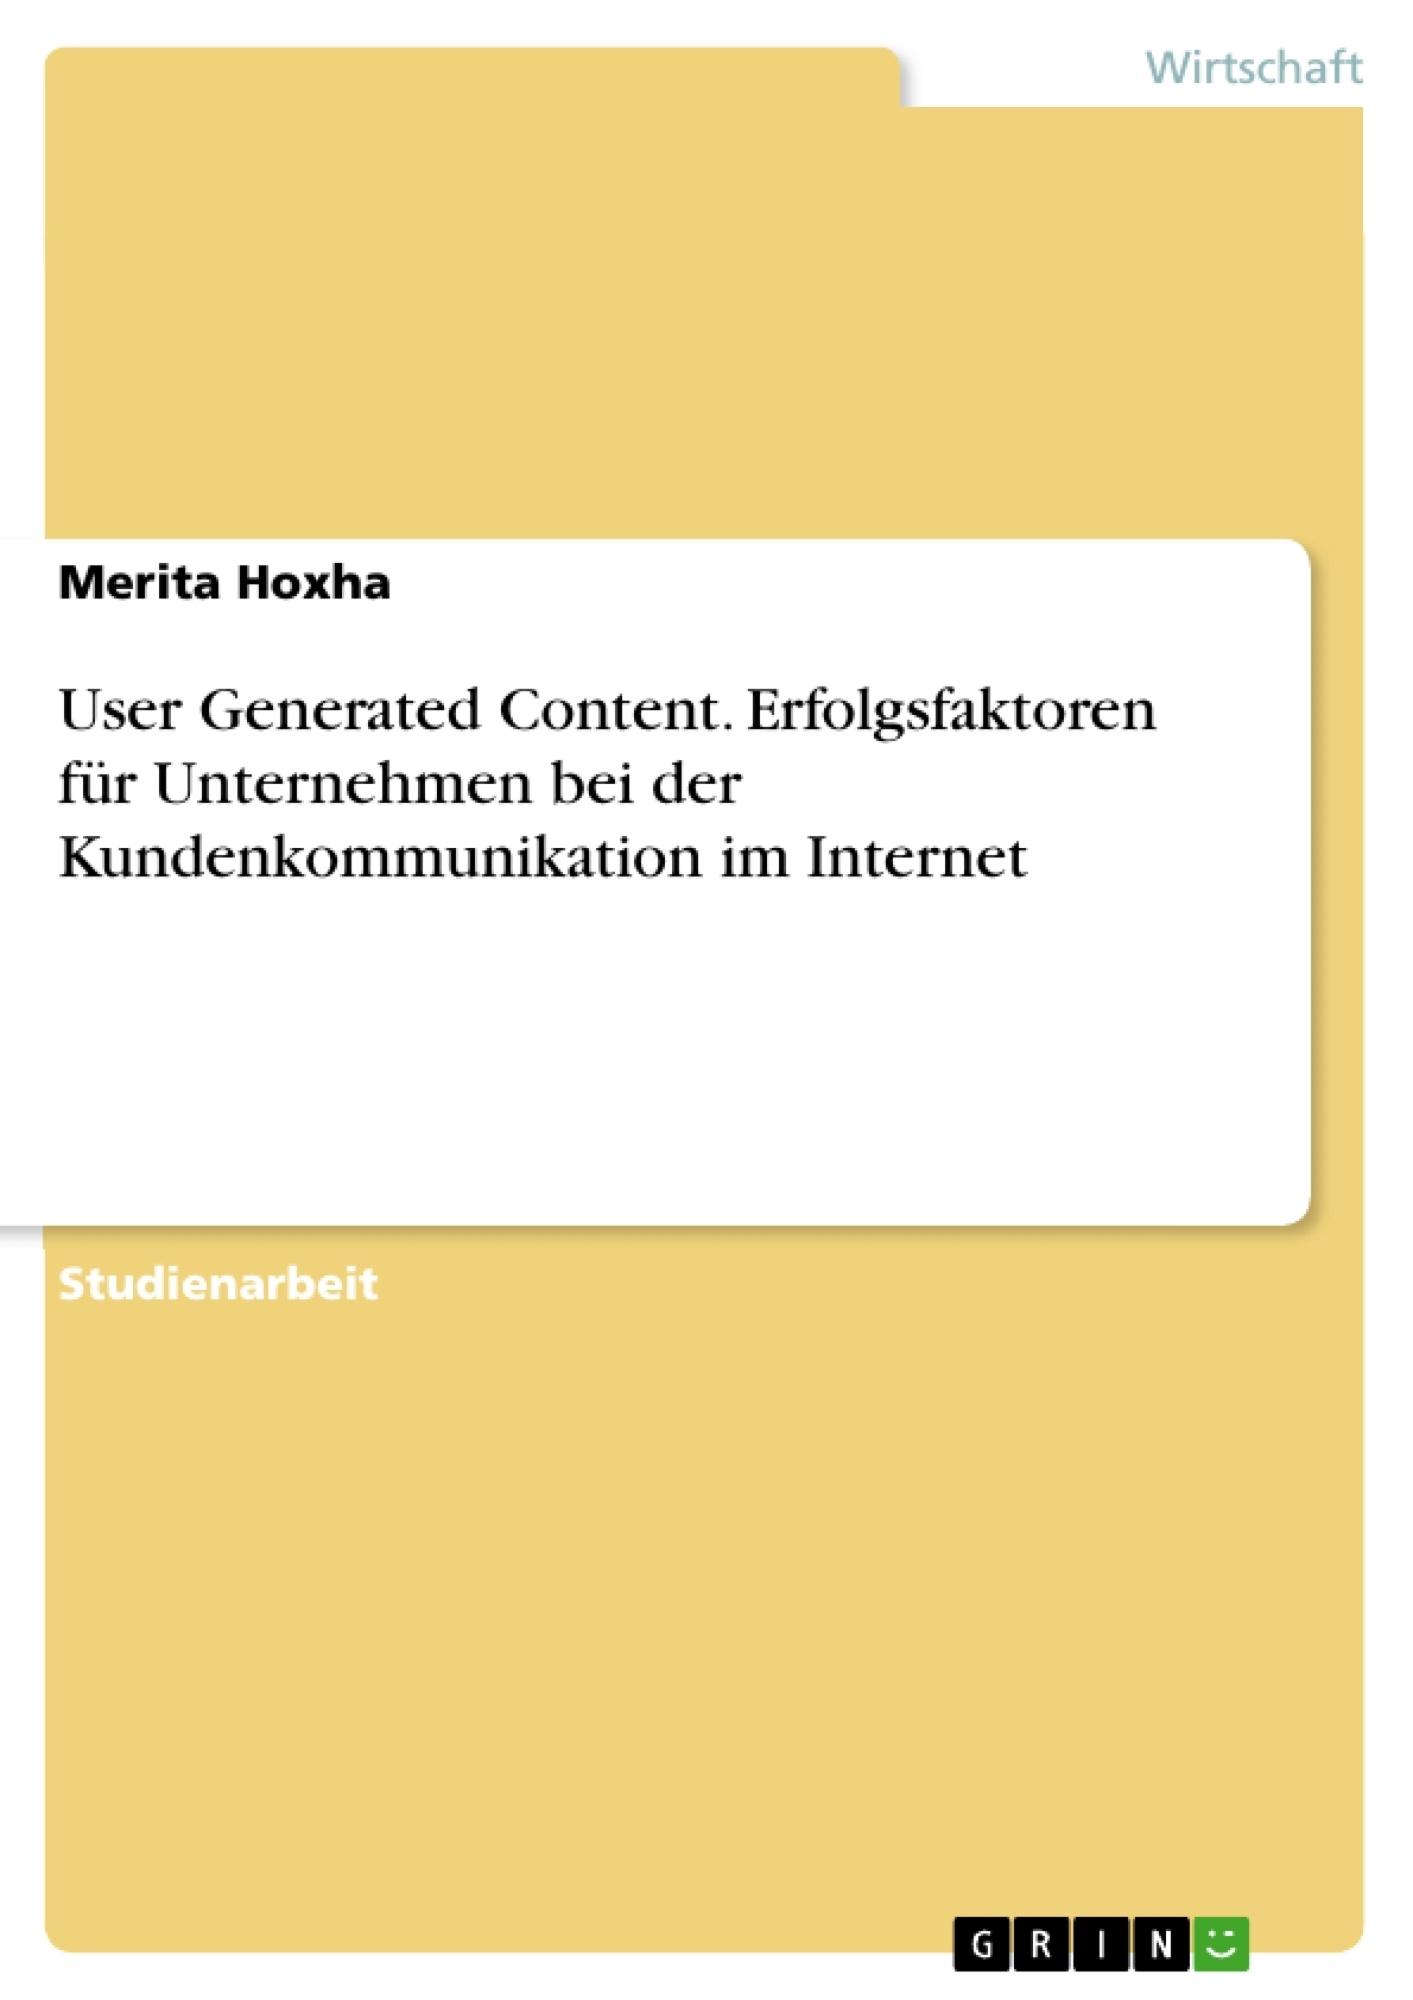 Titel: User Generated Content. Erfolgsfaktoren für Unternehmen bei der Kundenkommunikation im Internet